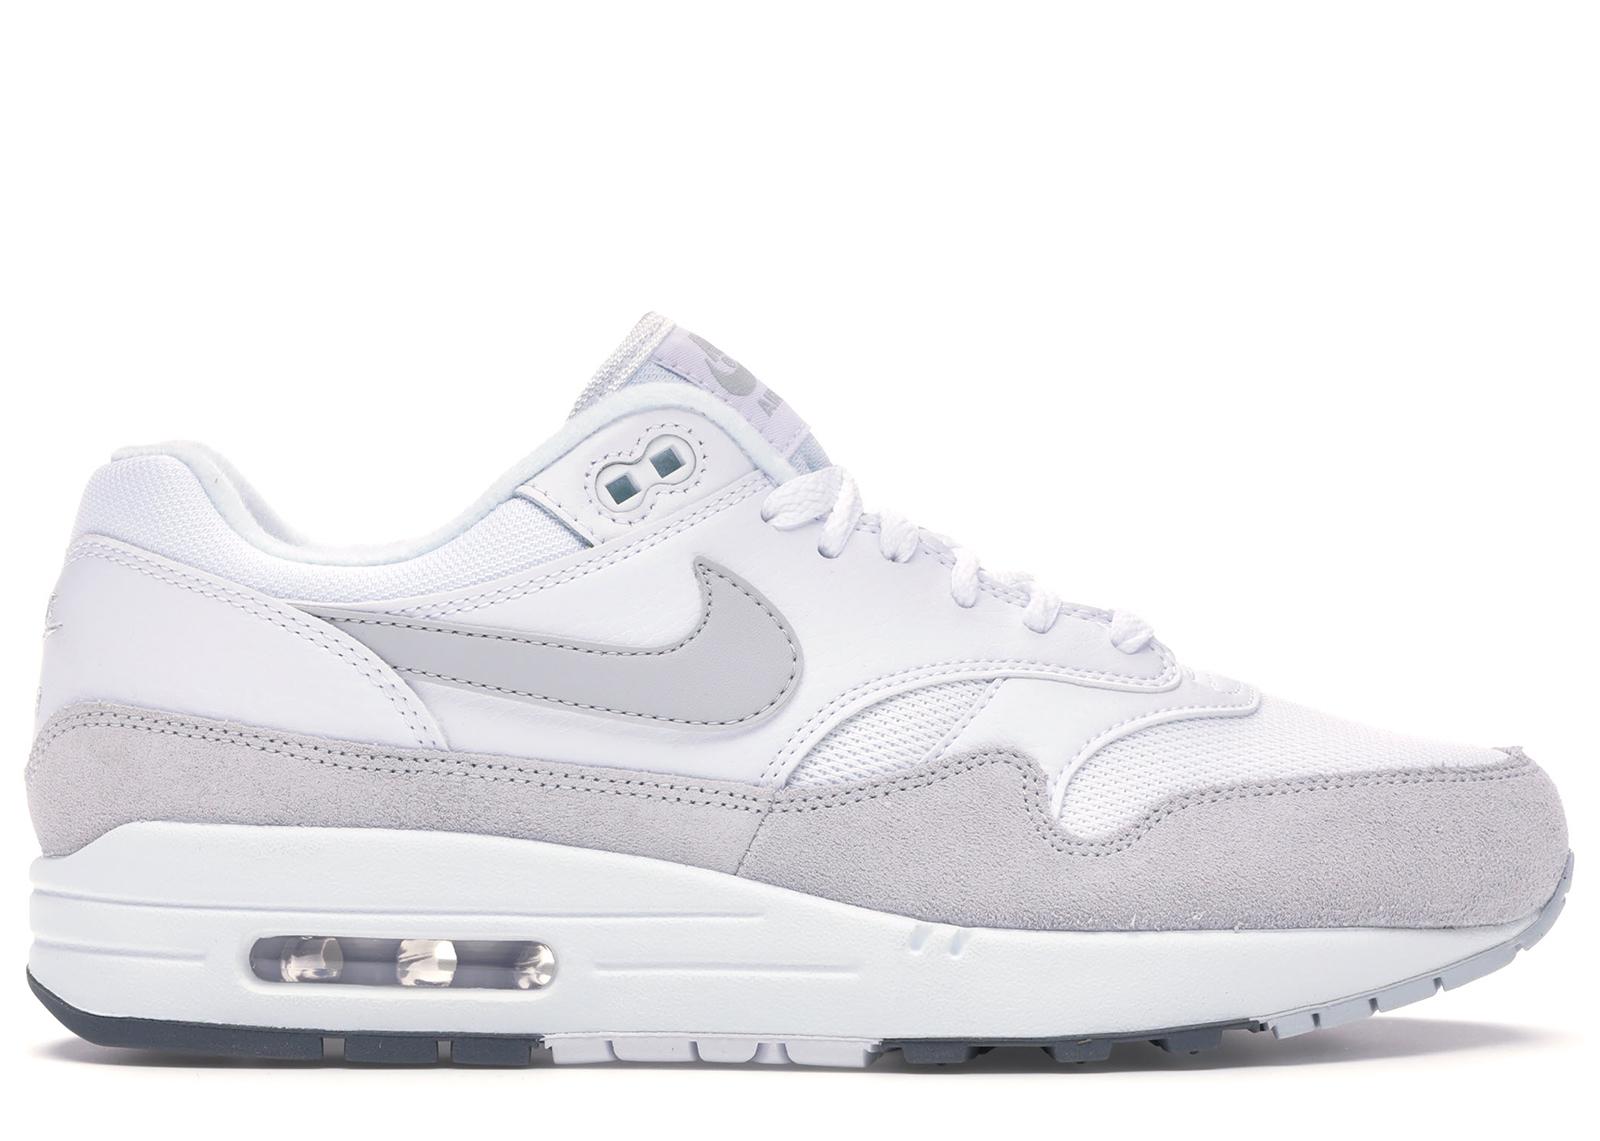 Nike Air Max 1 White Pure Platinum - AH8145-110